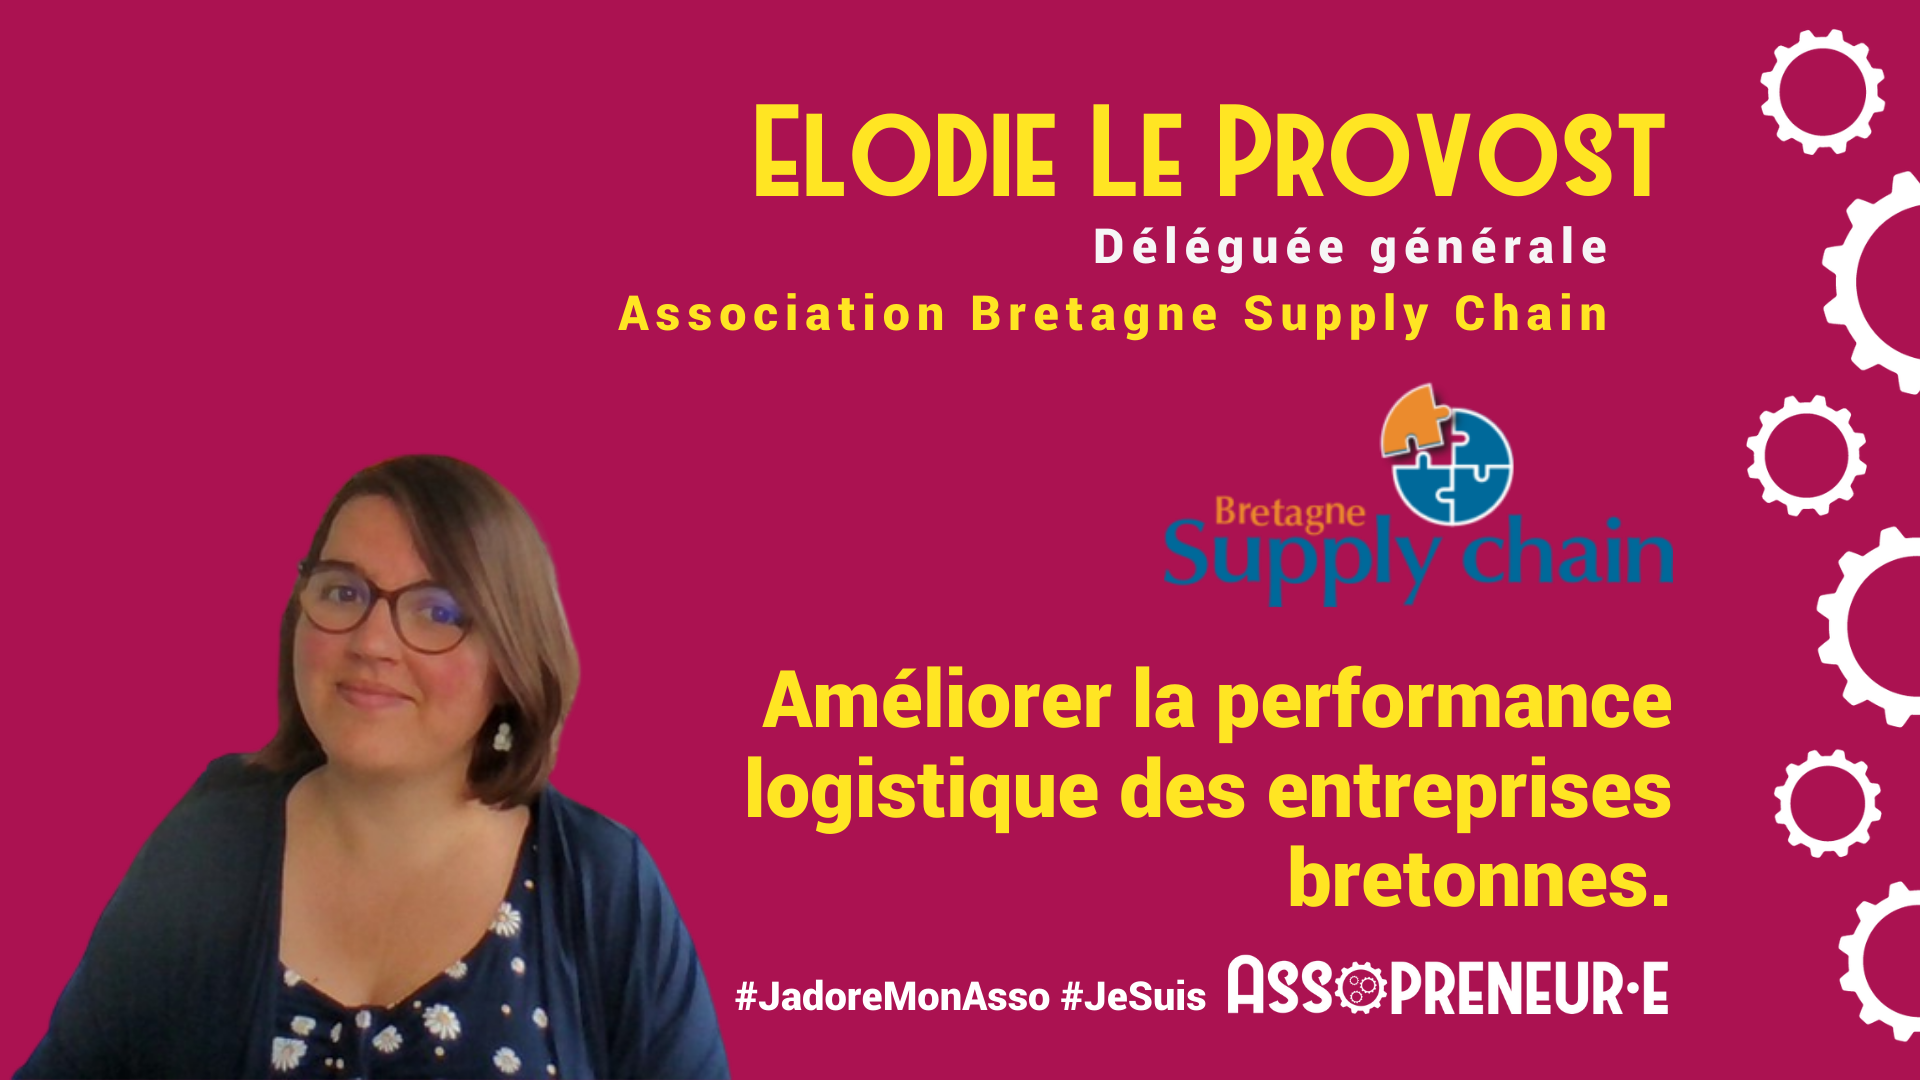 Elodie Le Provost membre programme Assopreneur